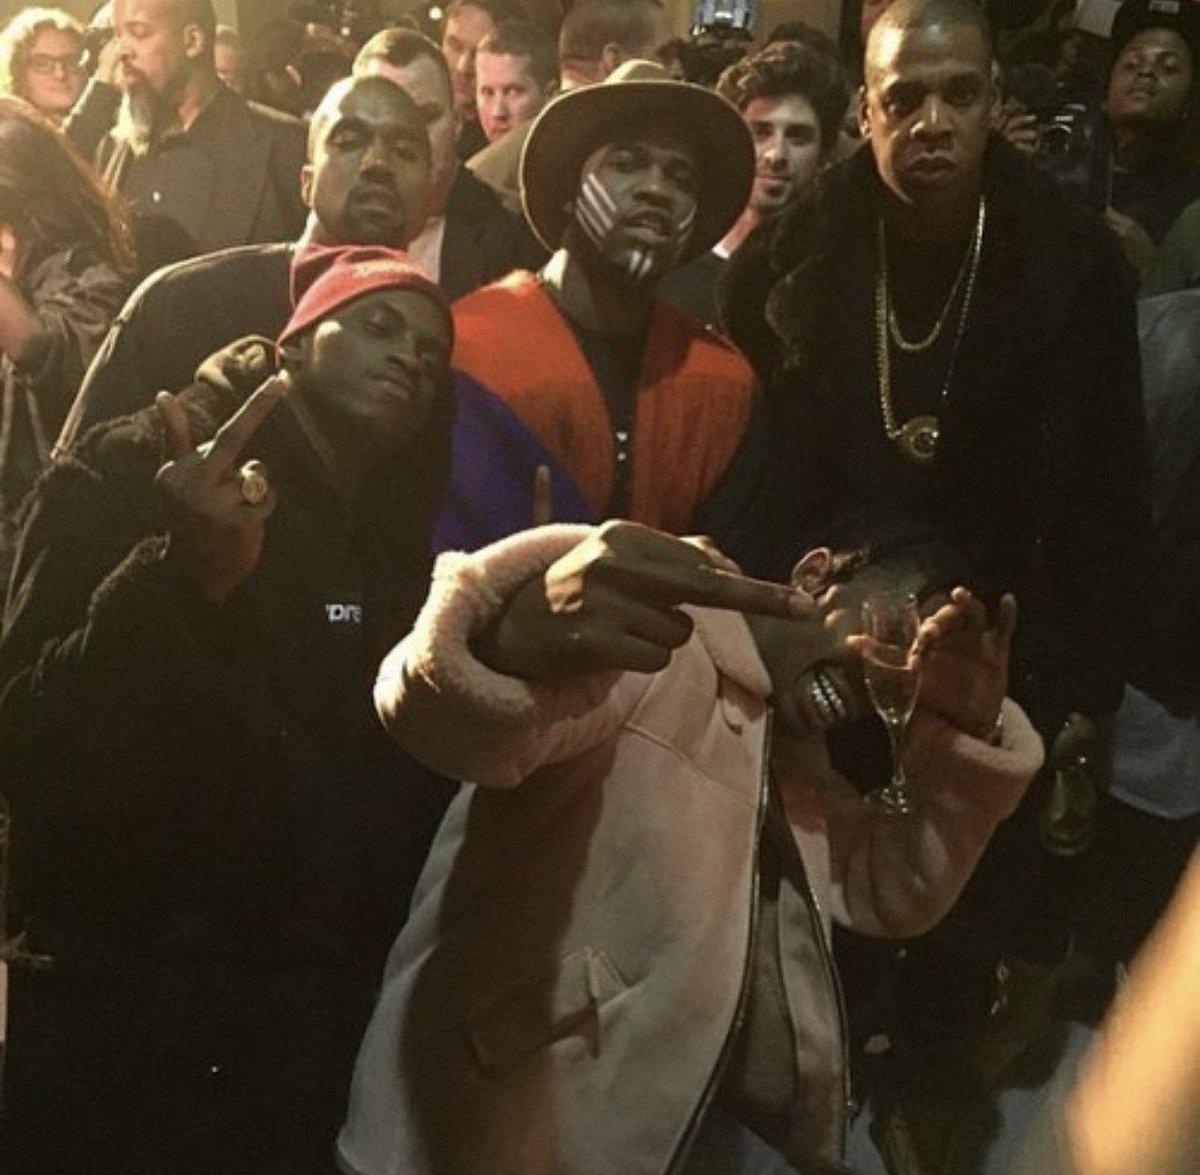 RT @hypeandpower: Kanye West x A$AP Ferg x Jay-Z x A$AP Nast x Travis Scott https://t.co/RCNhUiIiOl